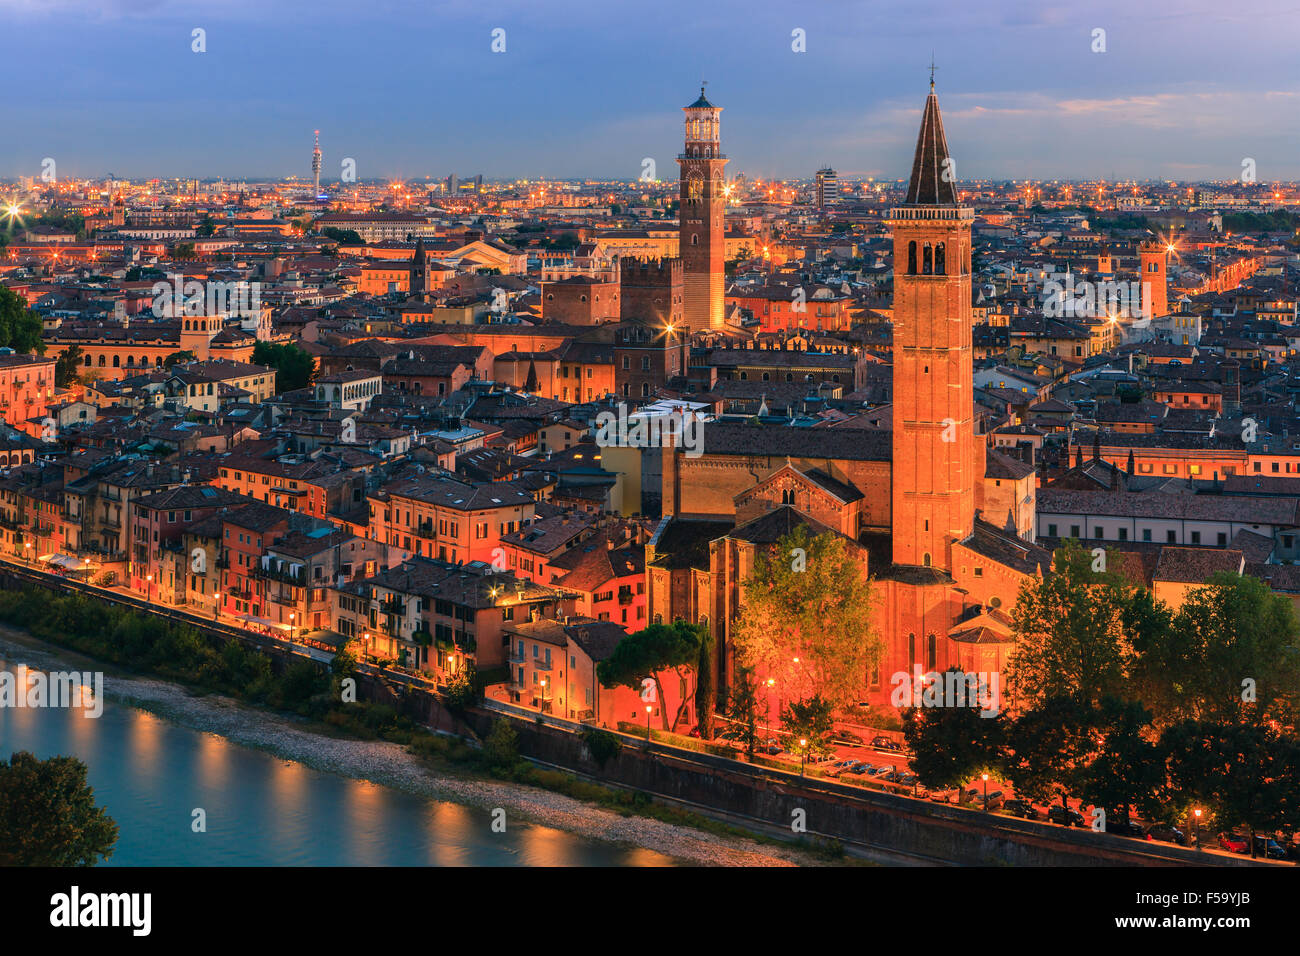 Chiesa di Santa Anastasia e Torre dei Lamberti al tramonto lungo il fiume Adige a Verona, Italia. Immagini Stock